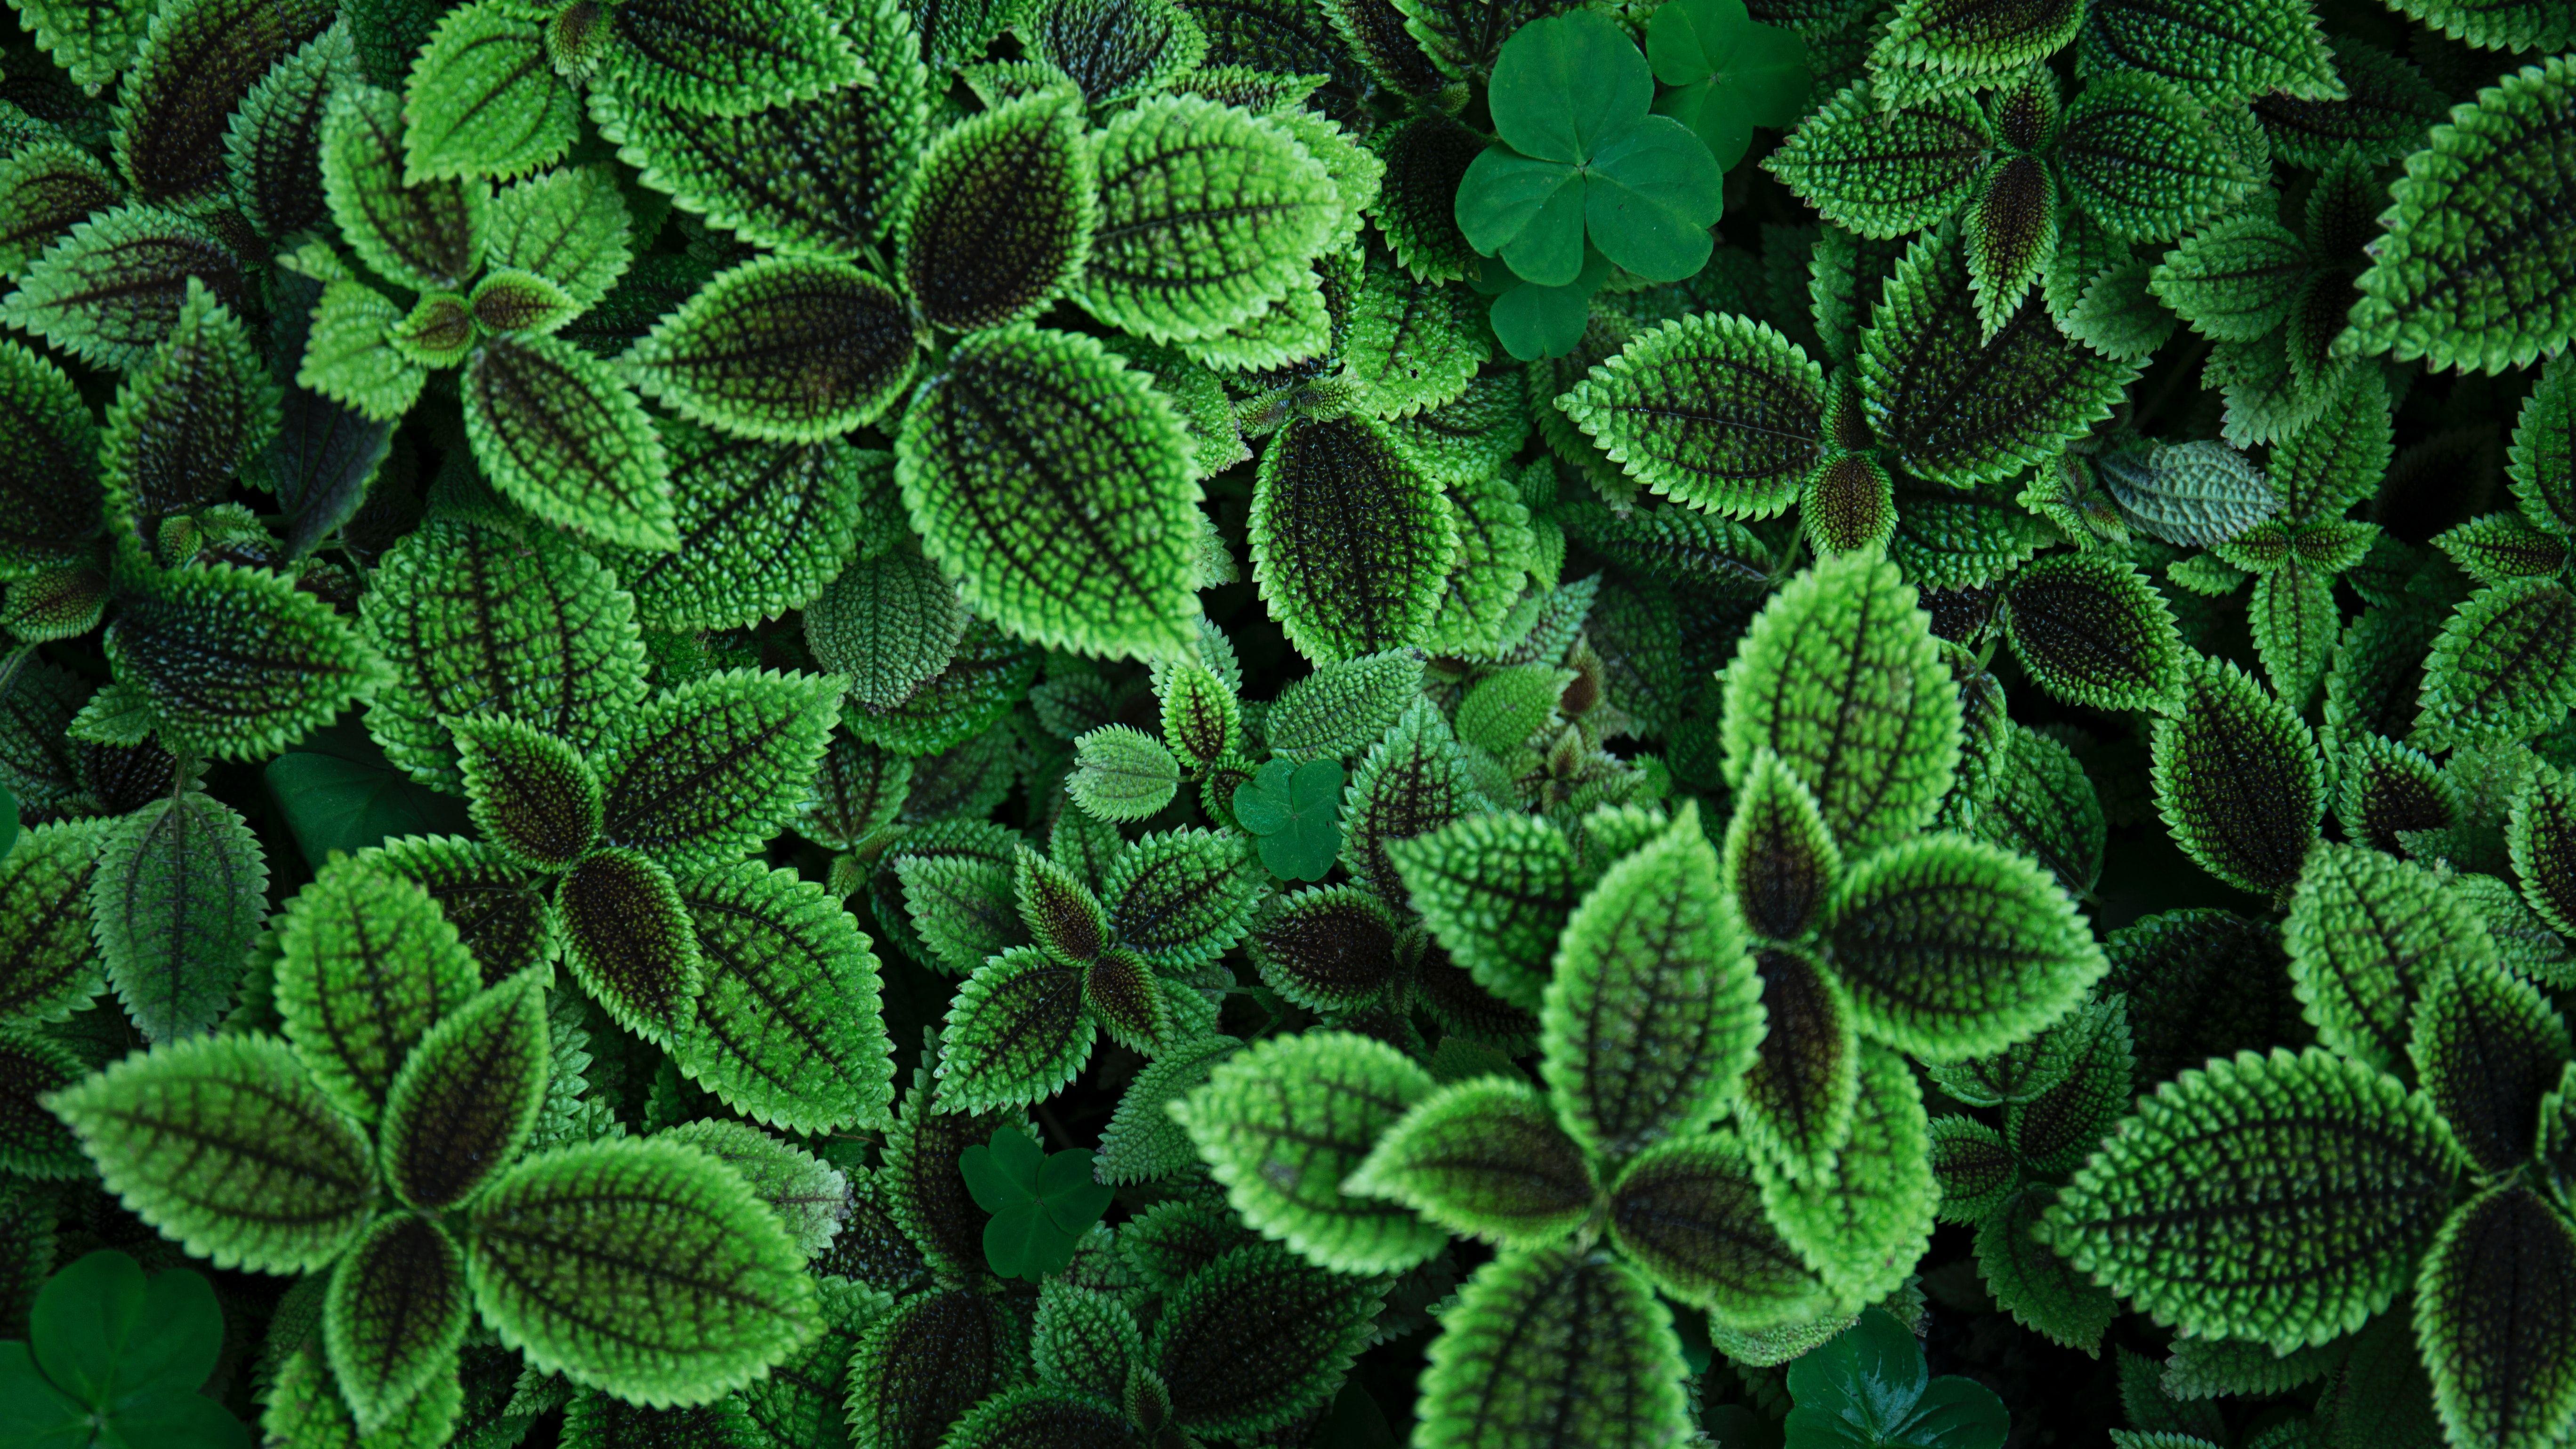 Piante Strane Da Appartamento questa nuova ricerca sull'illuminazione sostenibile dalle piante